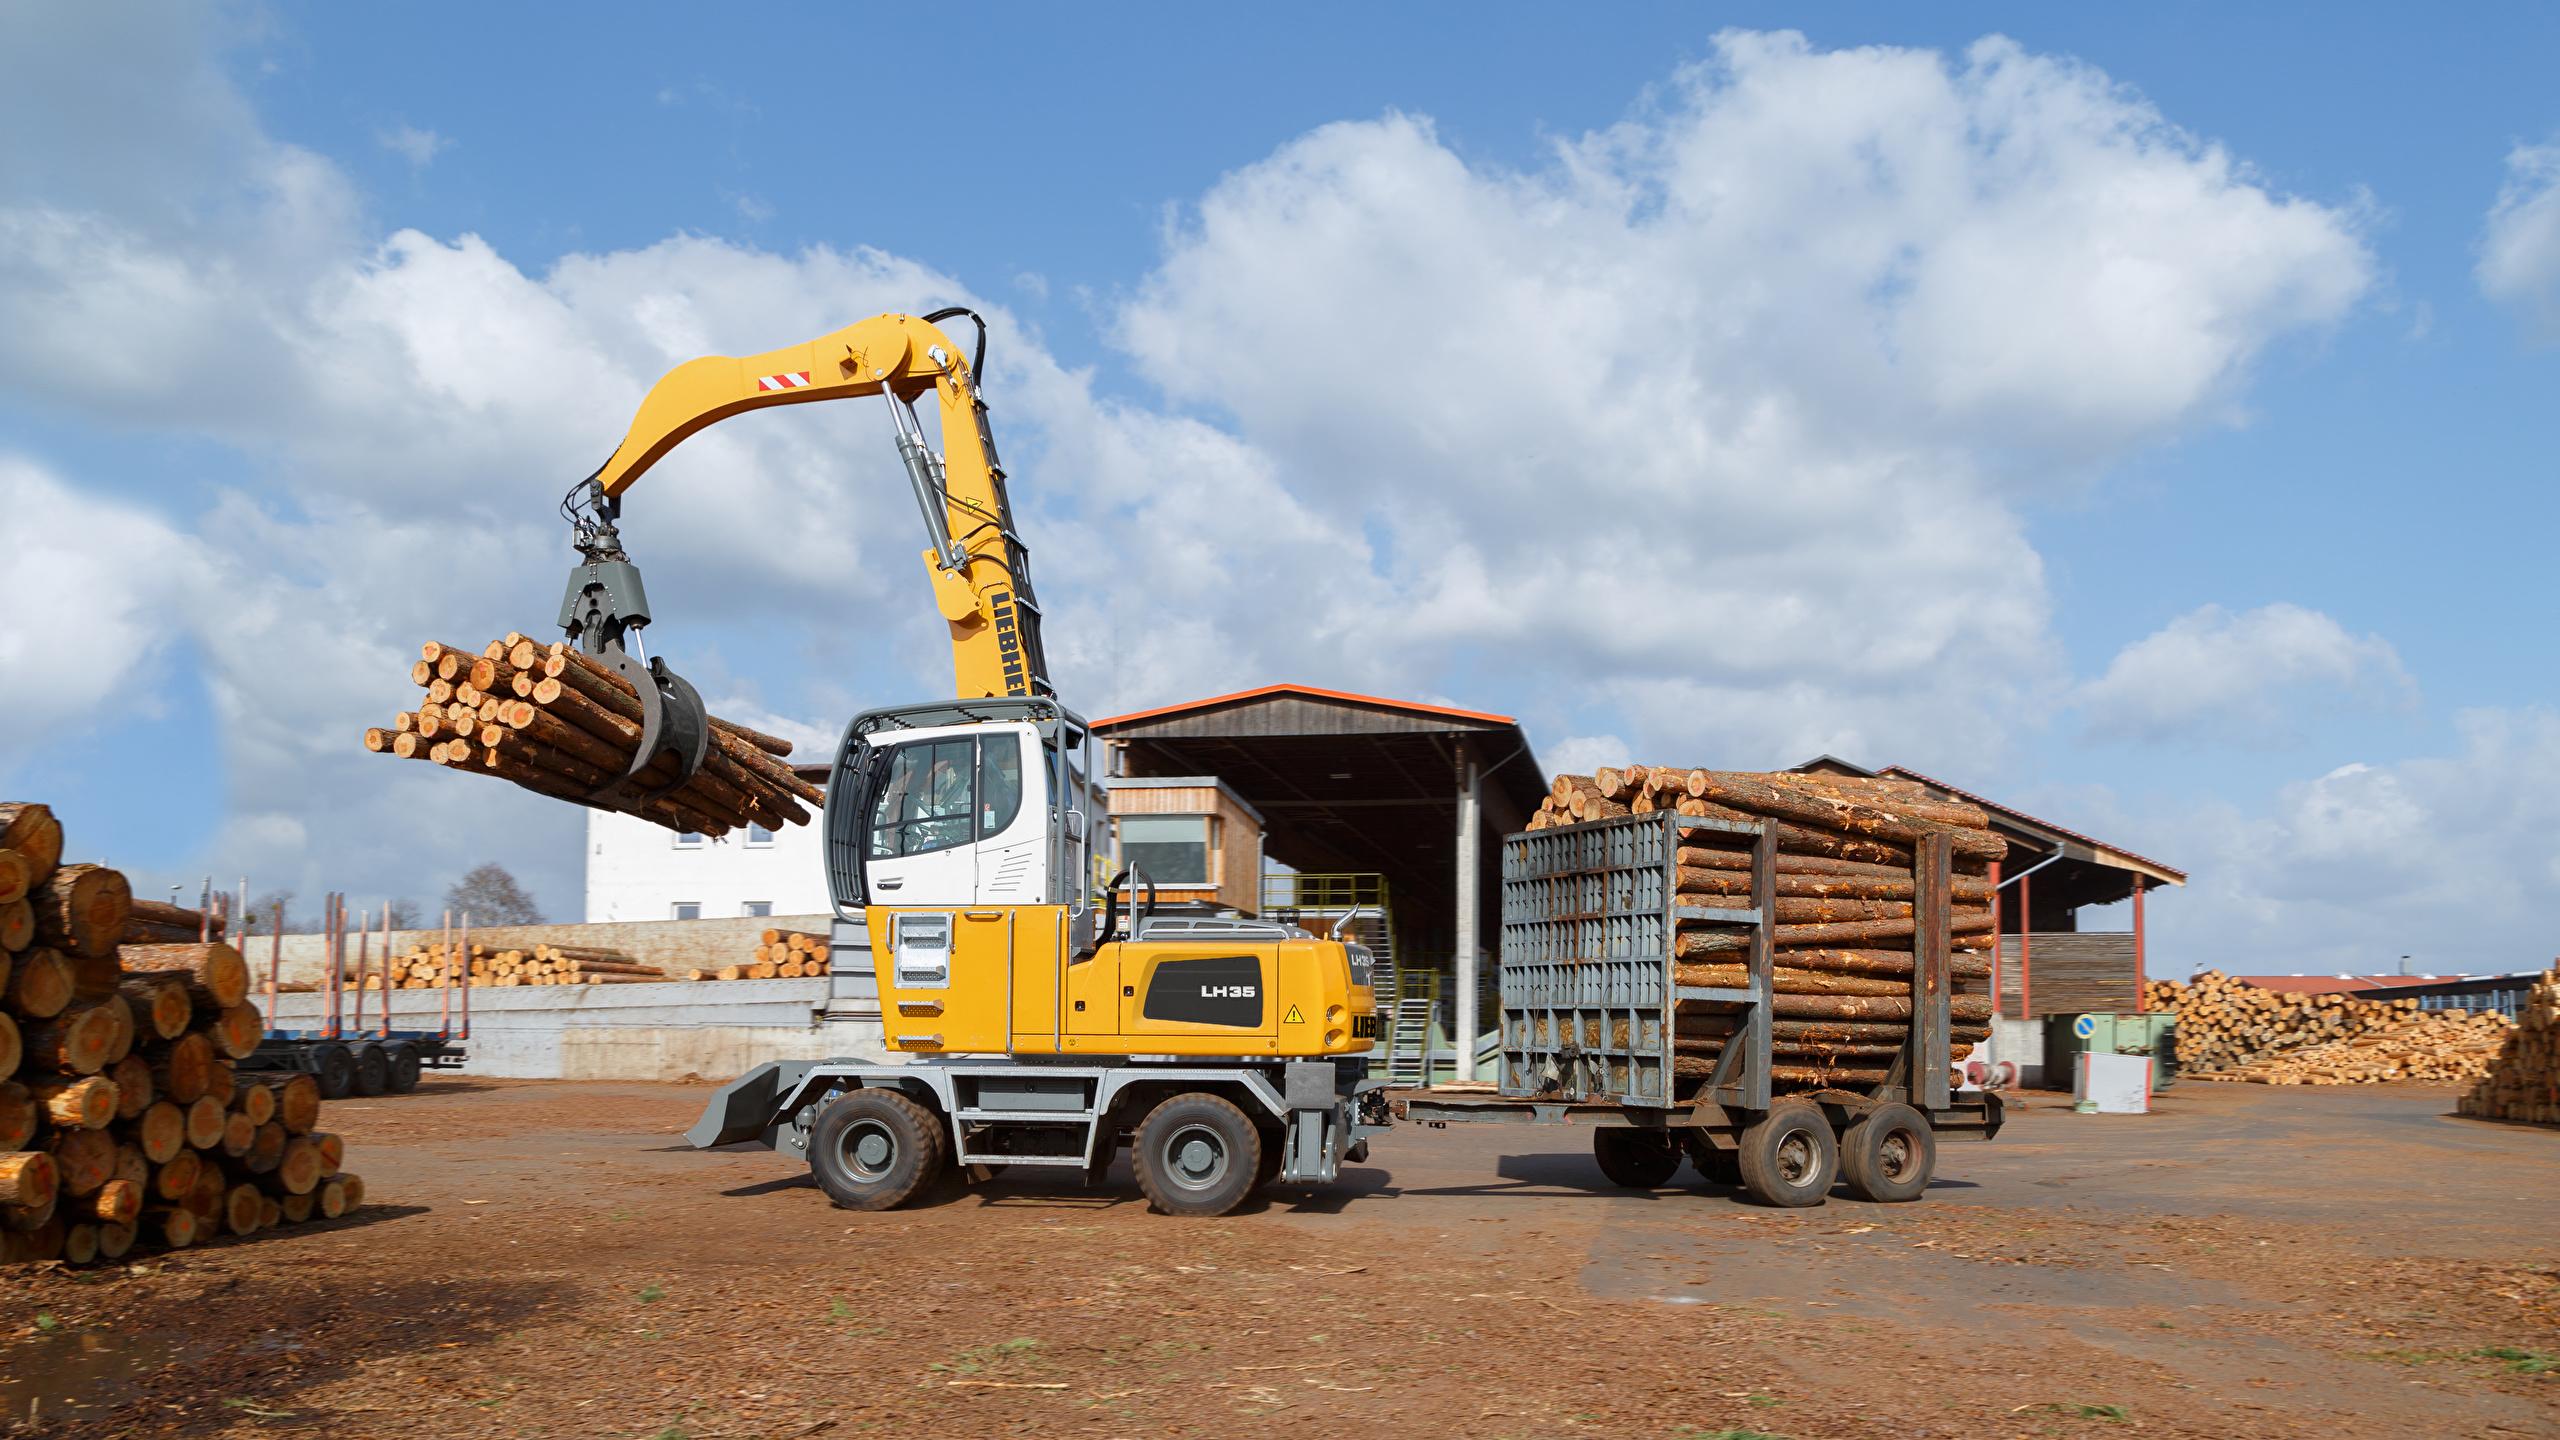 Обои для рабочего стола Форвардер 2015-17 Liebherr LH 35 M Timber Litronic Бревна 2560x1440 бревно